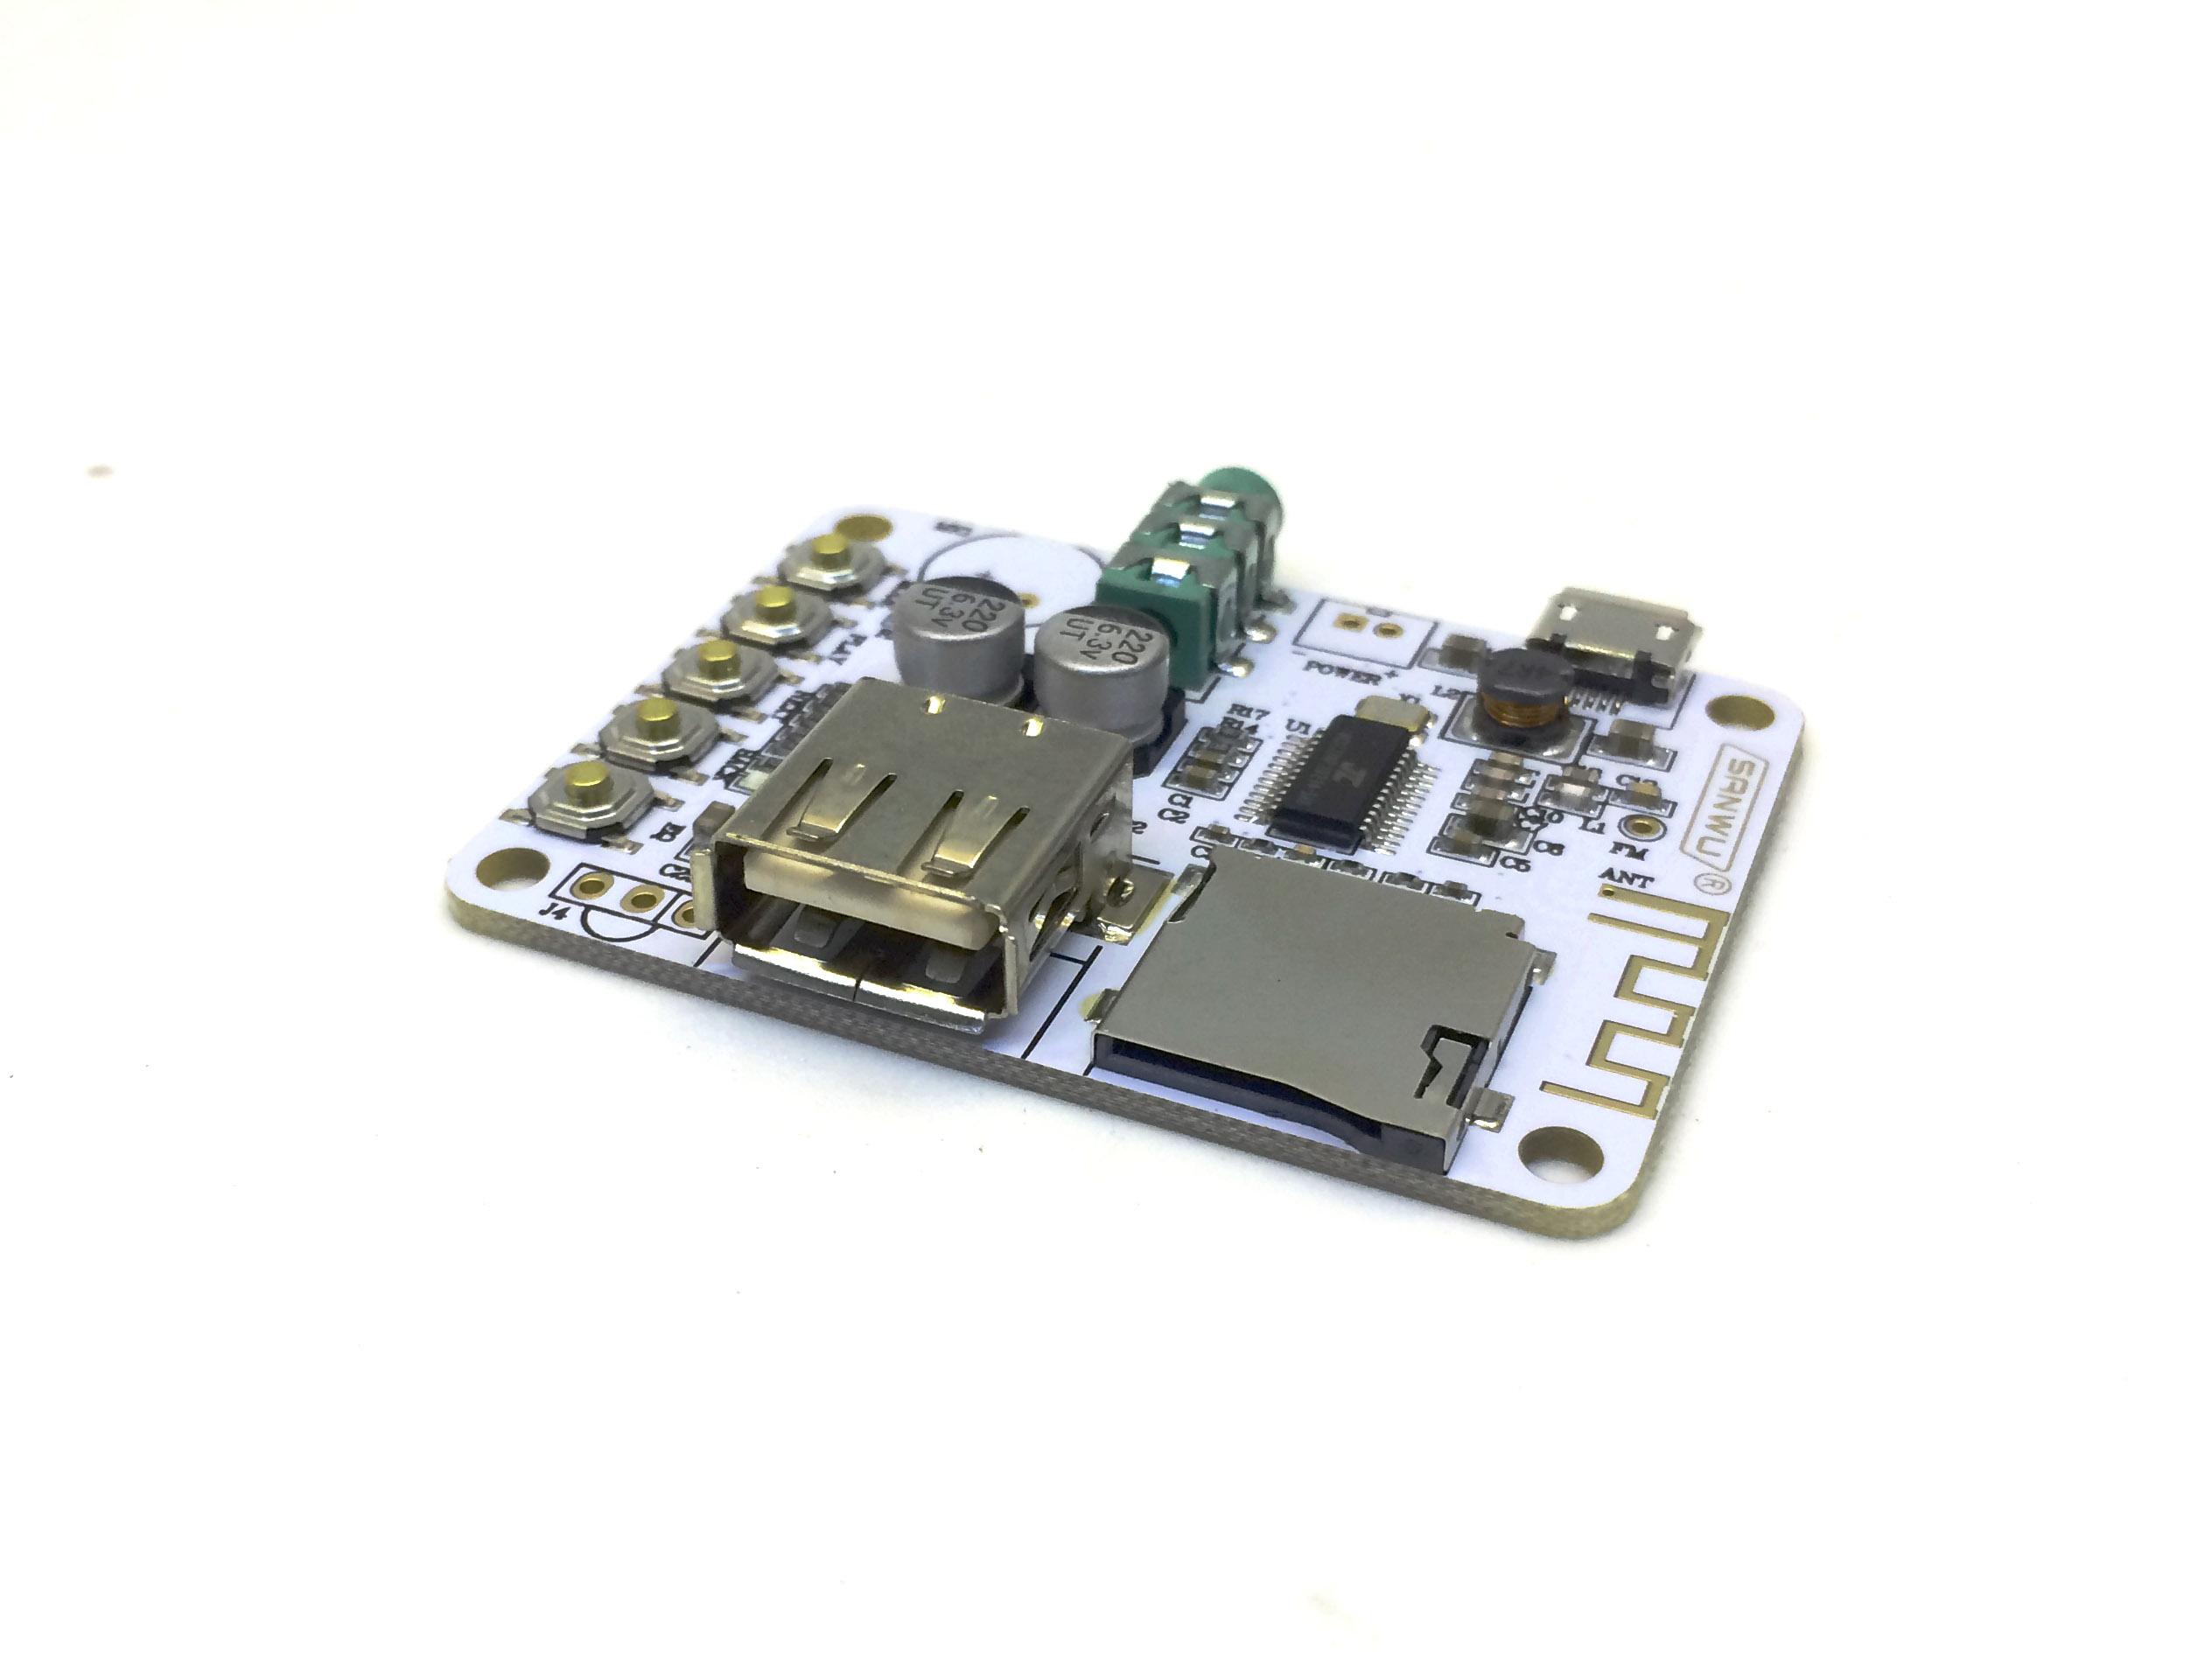 Module chạy nhạc qua USB, thẻ nhớ, Bluetooth